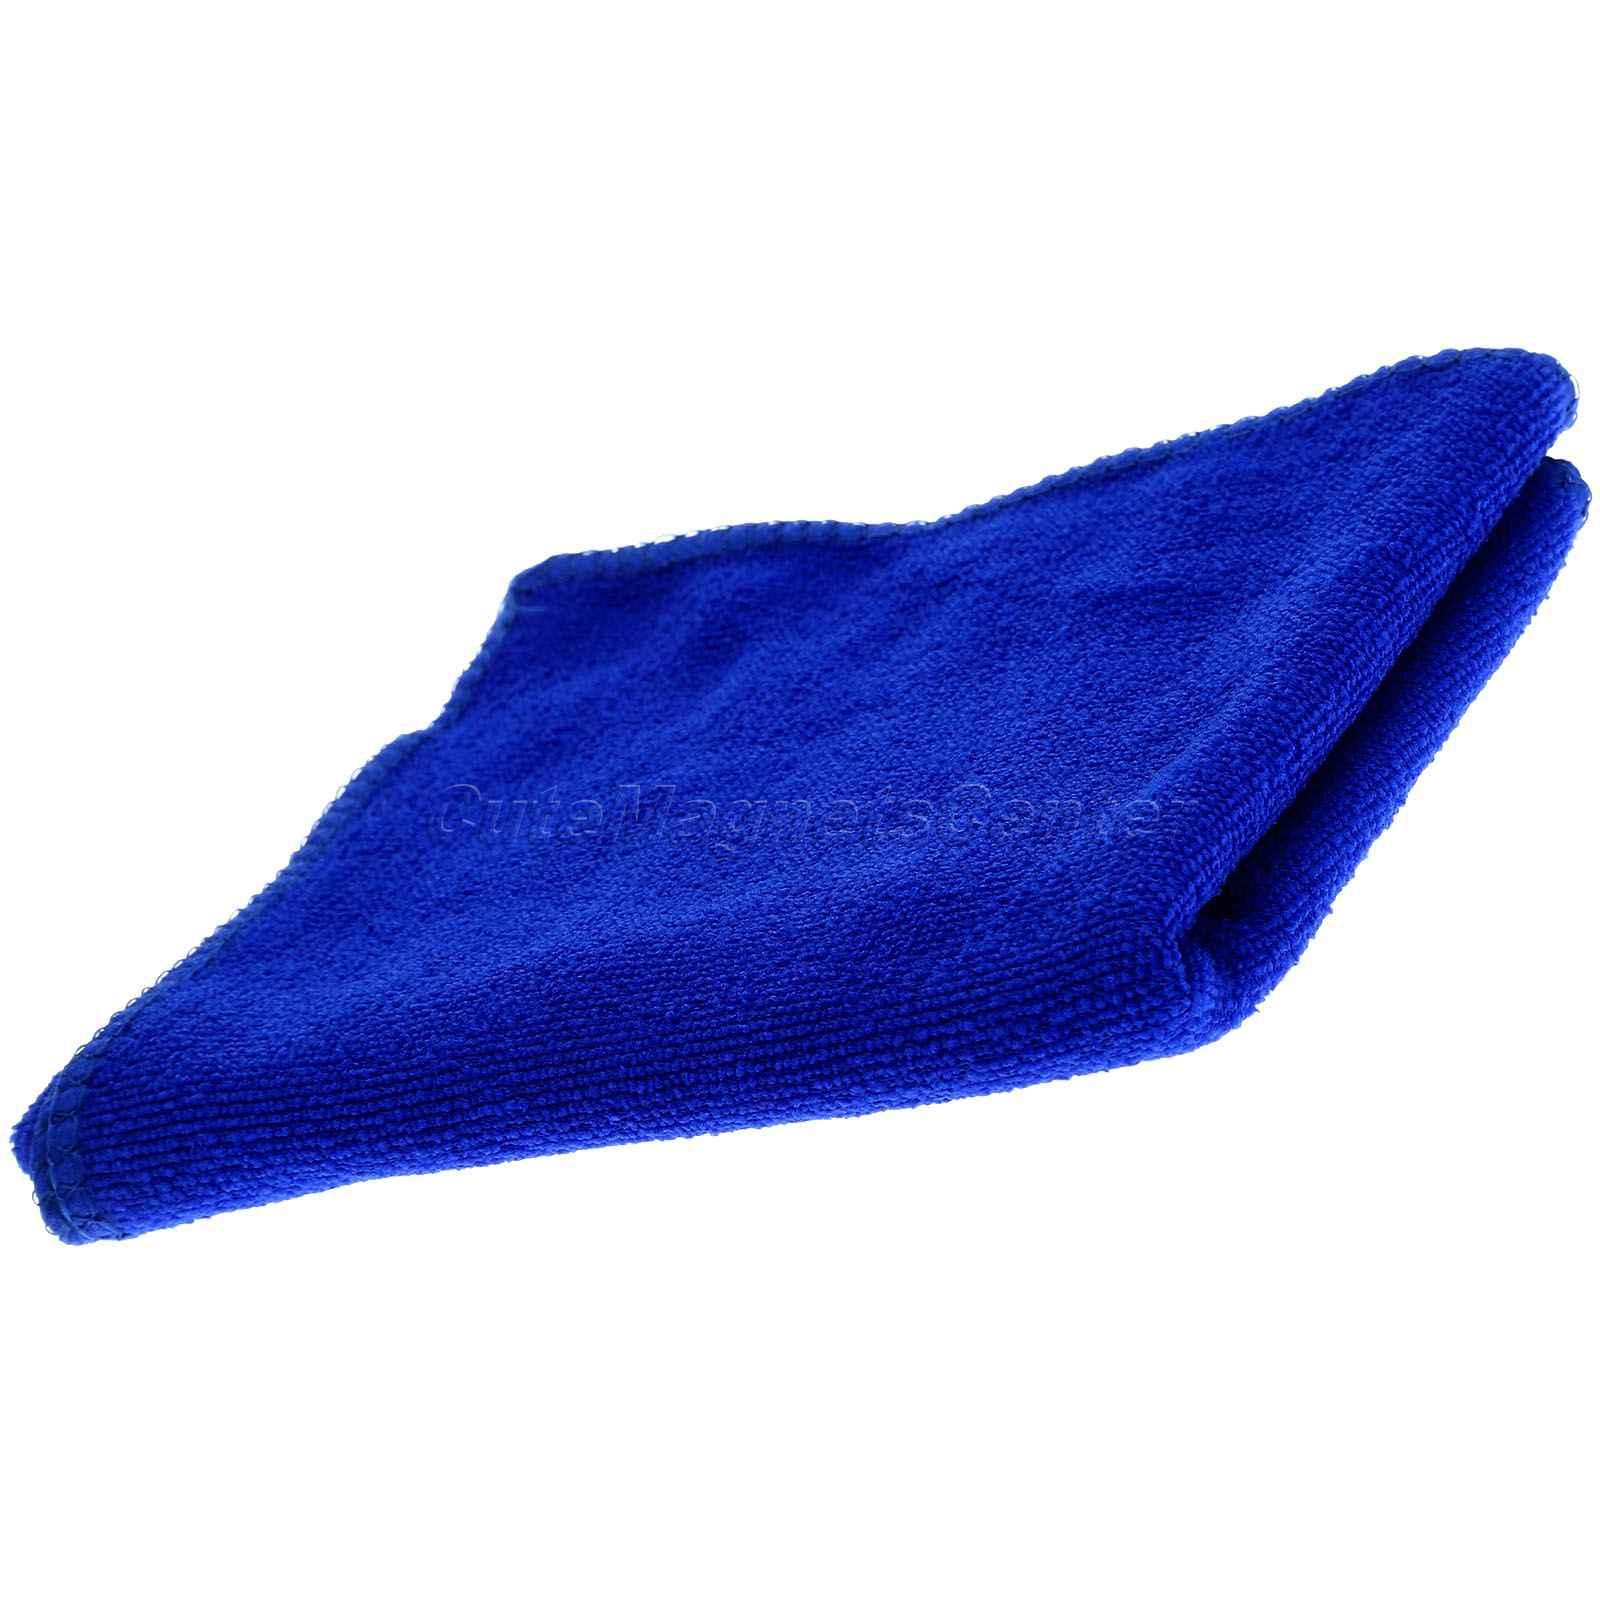 Mikrofaser Reinigen Auto Auto Detail Weiche Mikrofaser Tuch Handtücher Waschen Duster Auto Polieren Tuch Reinigung Waschen Handtuch